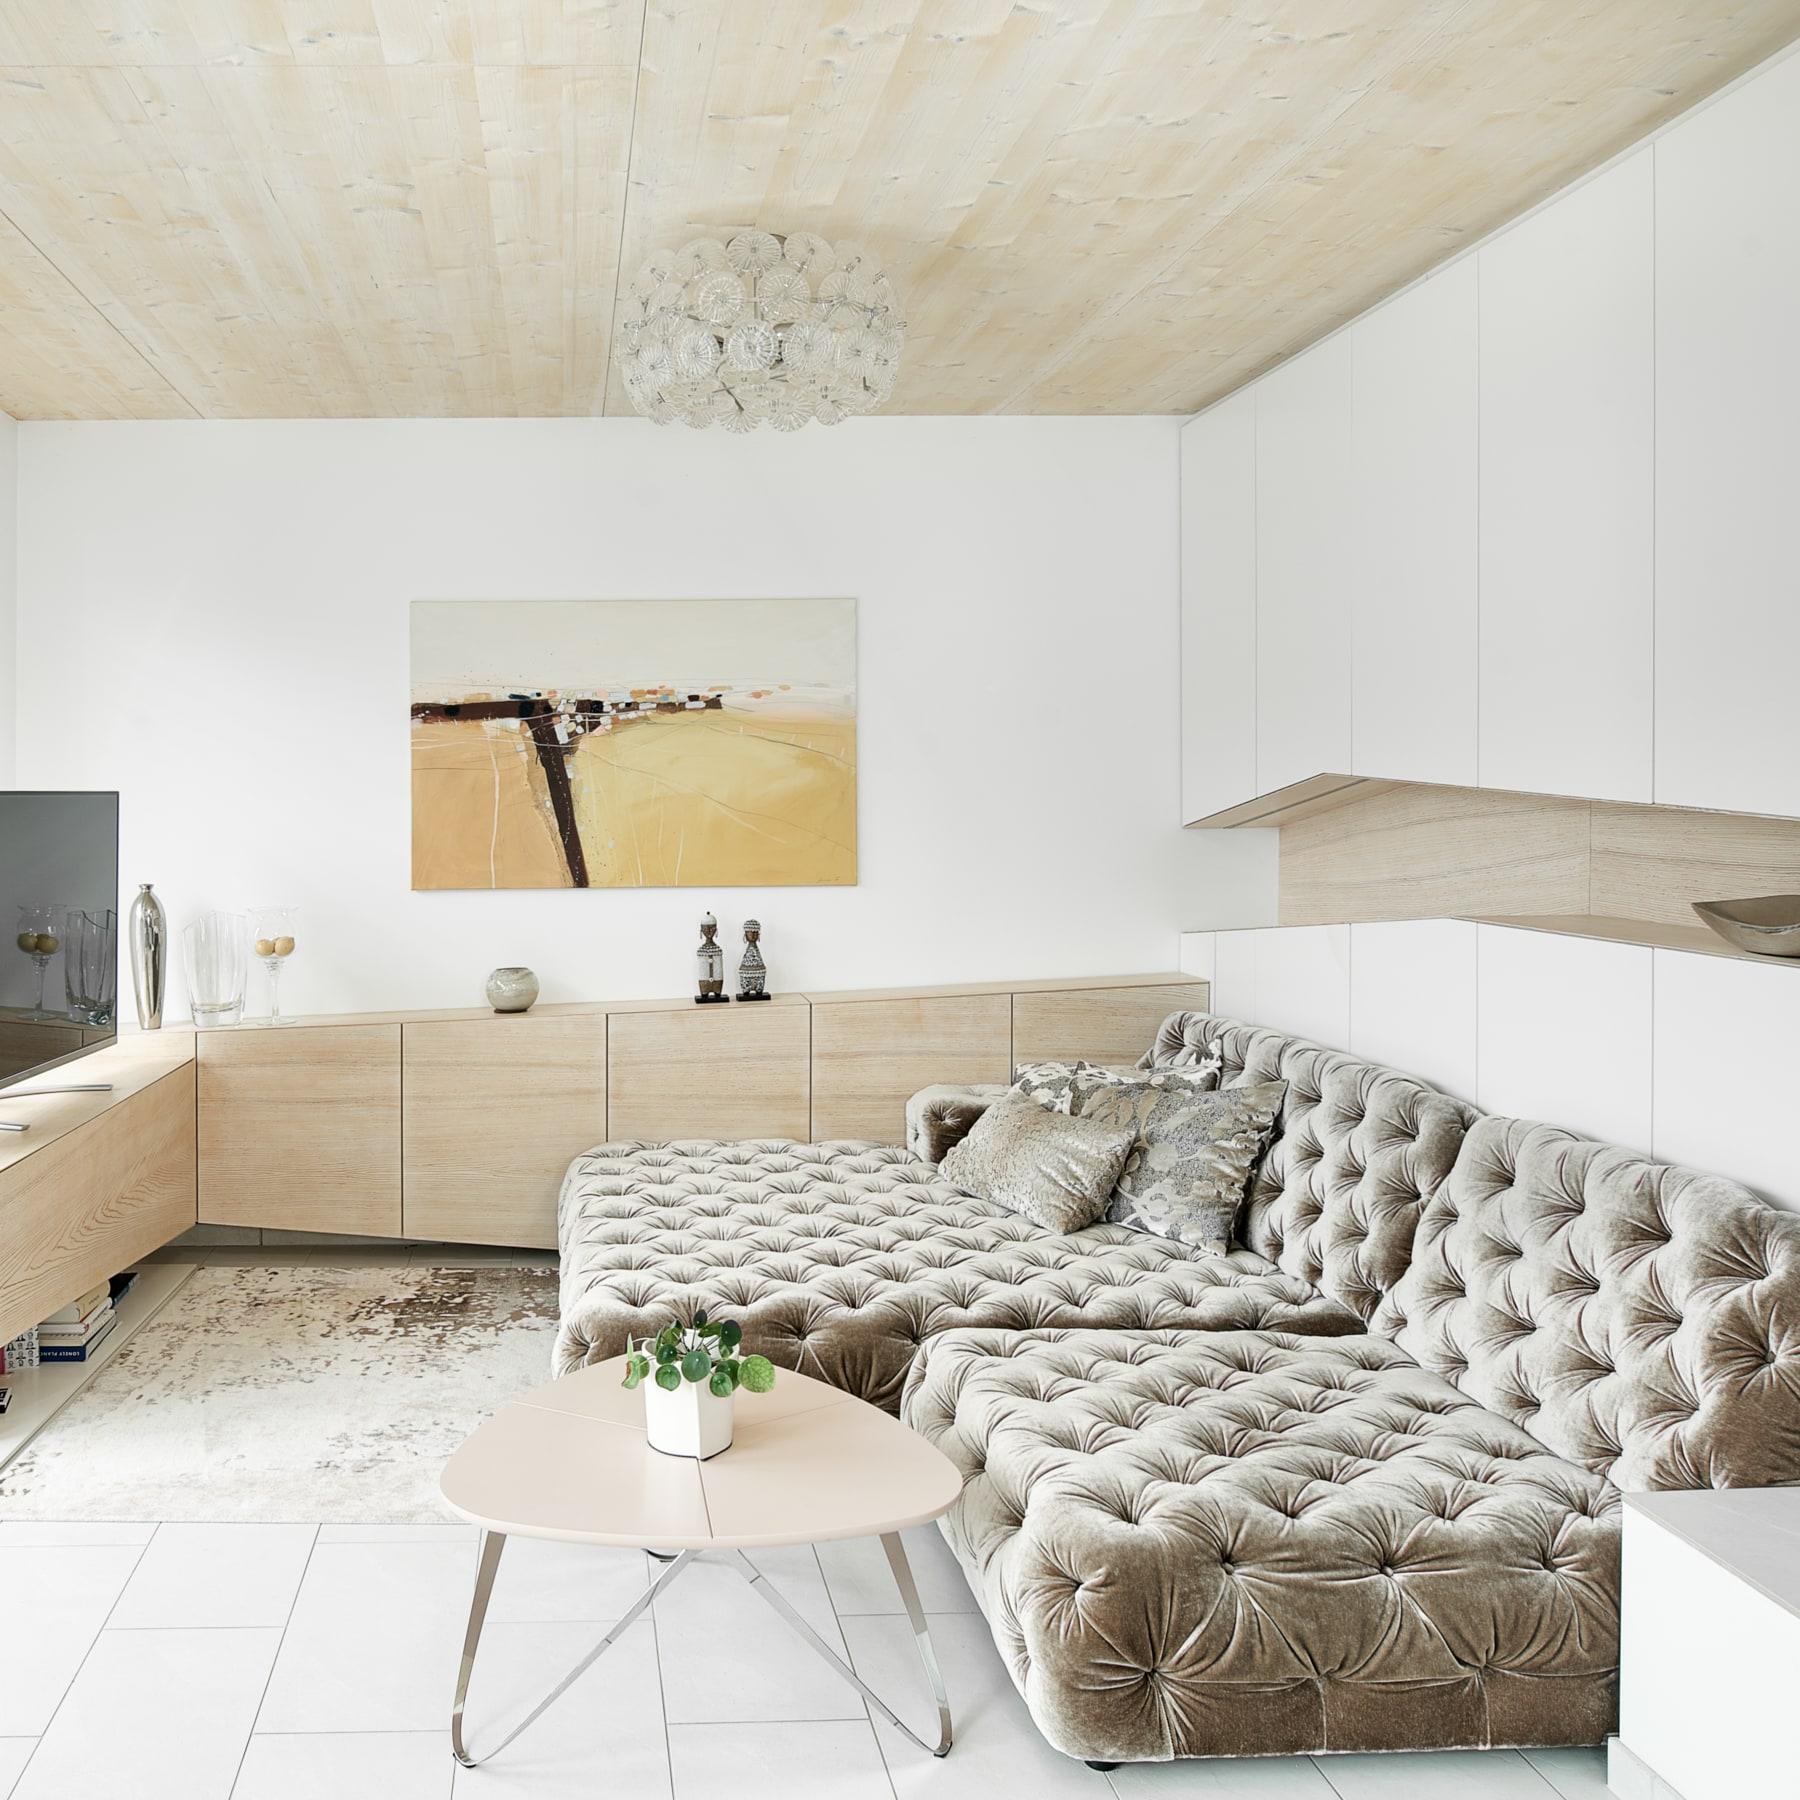 Jarisch KÅche Wohnzimmer0556